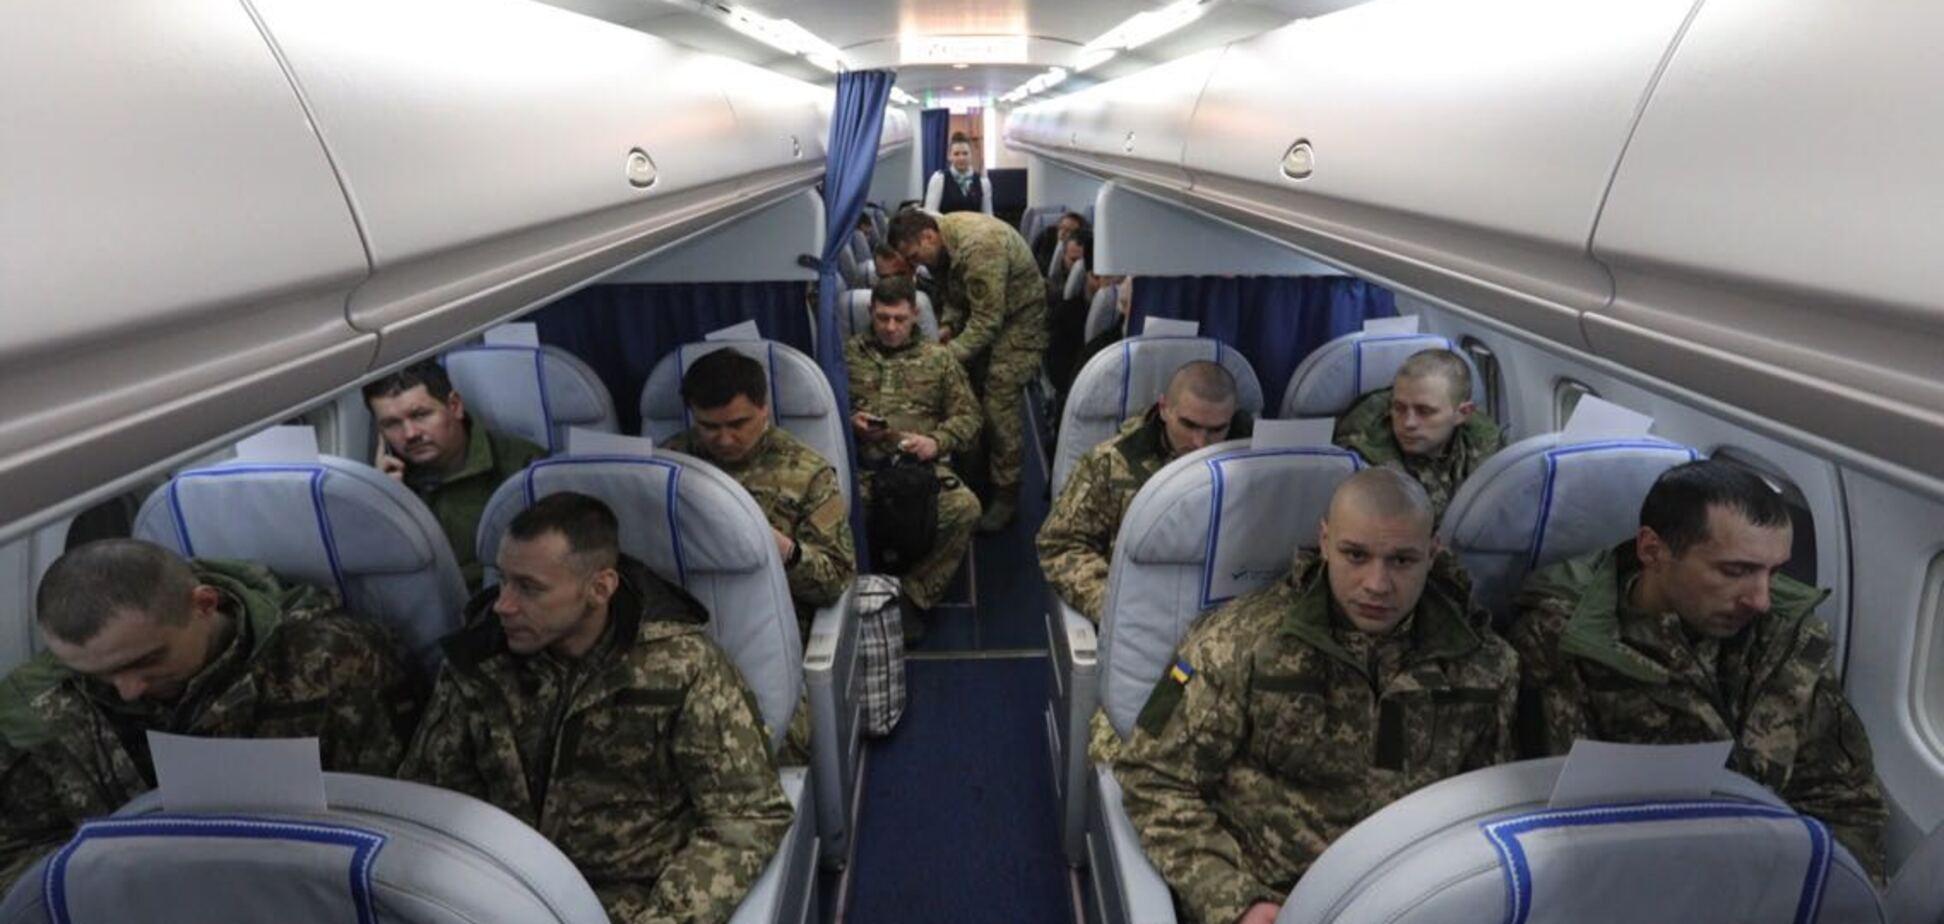 'Герої!' Звільнених українських полонених доставили до Києва: опубліковане відео